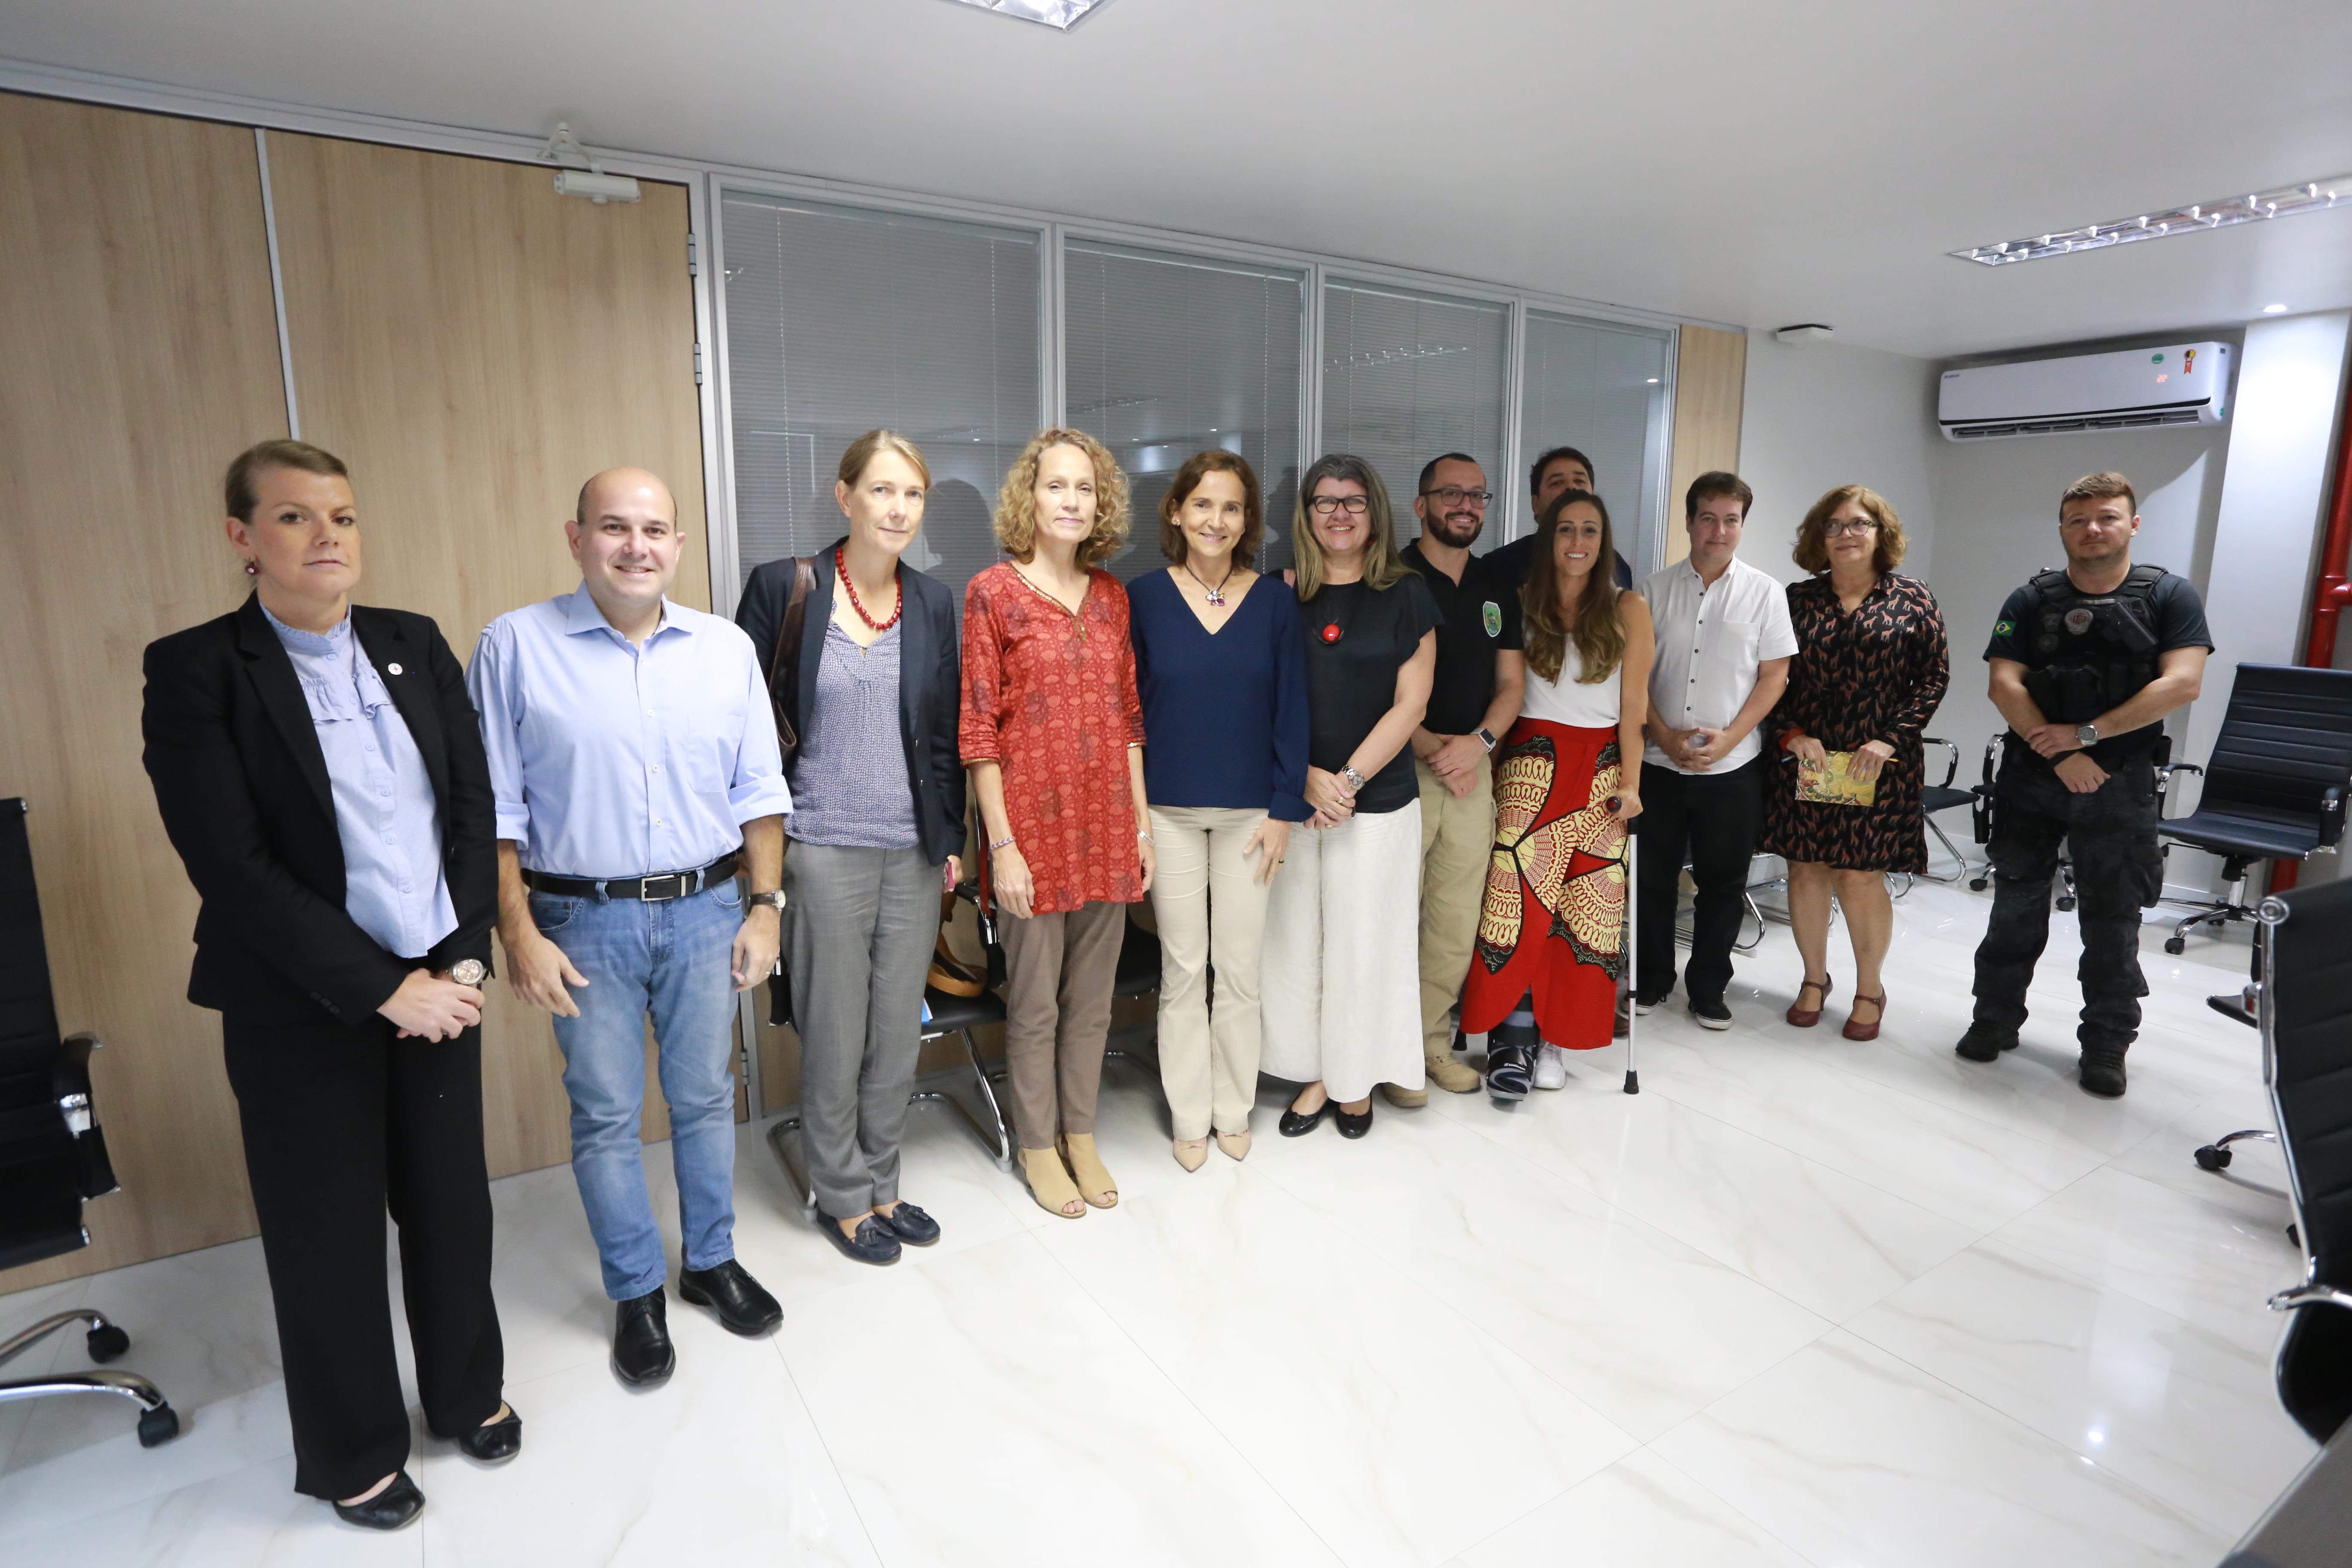 Governo do Ceará e Prefeitura de Fortaleza reforçam parcerias com o Comitê Internacional da Cruz Vermelha